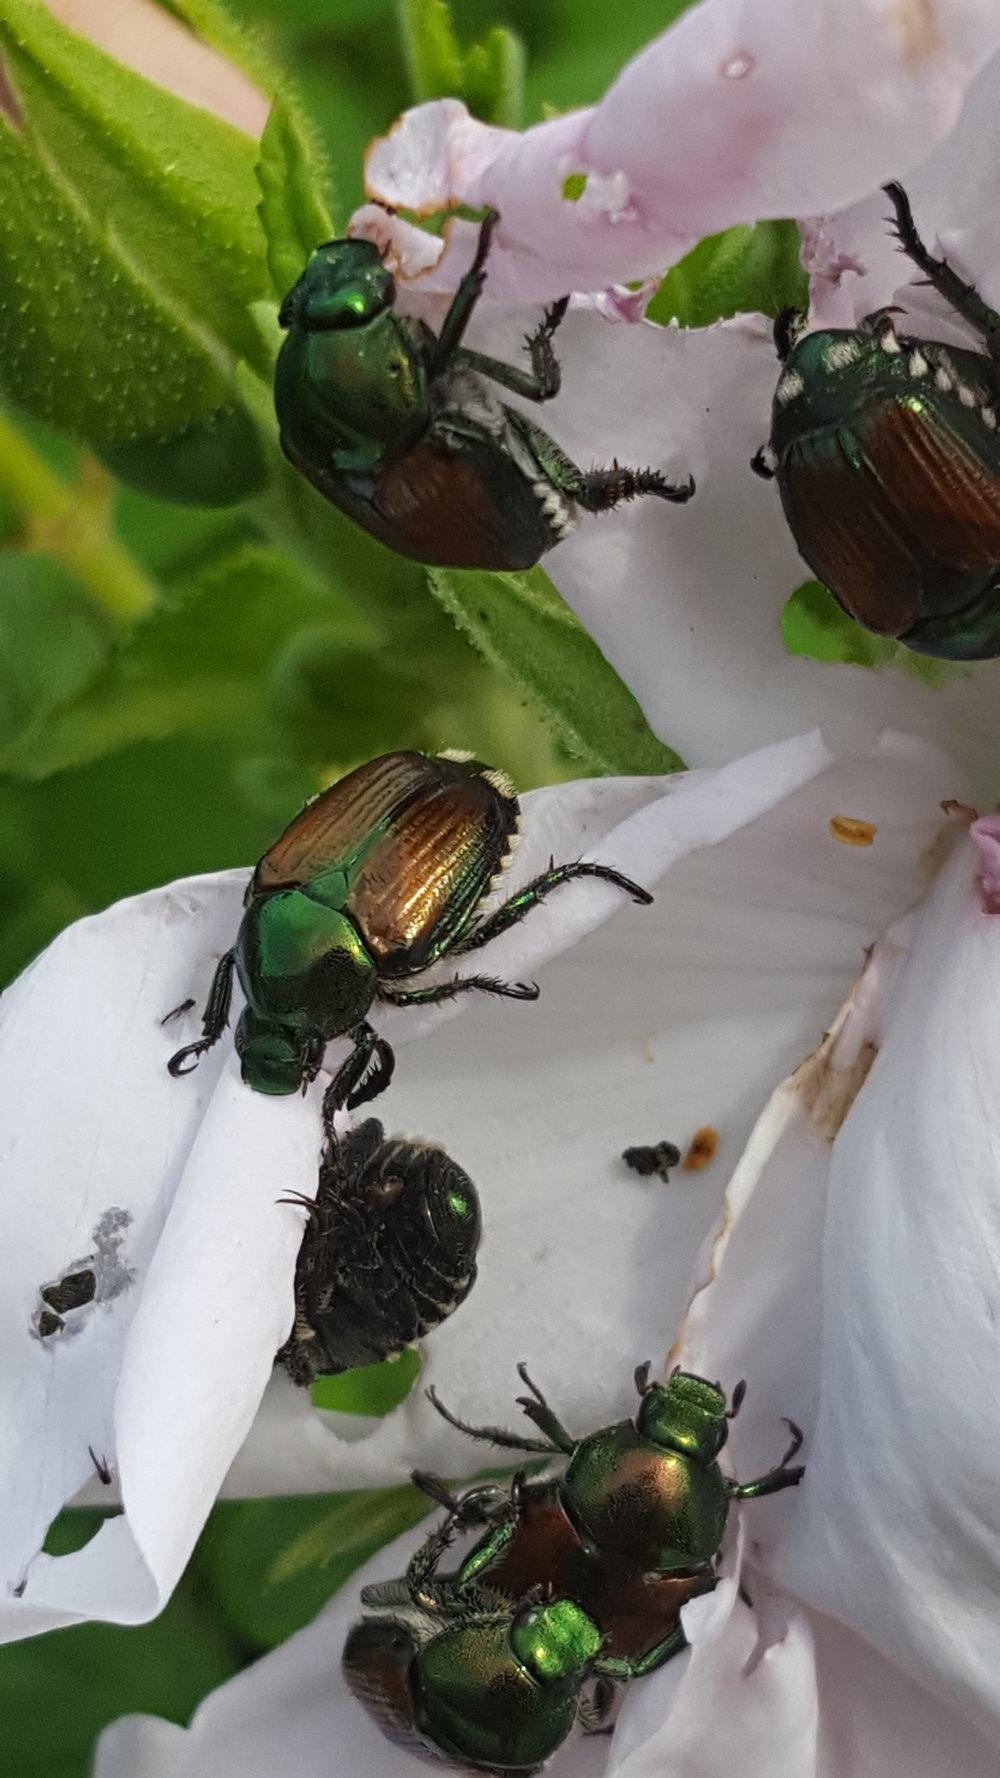 Japanese Beetles Feasting on Rose Flower